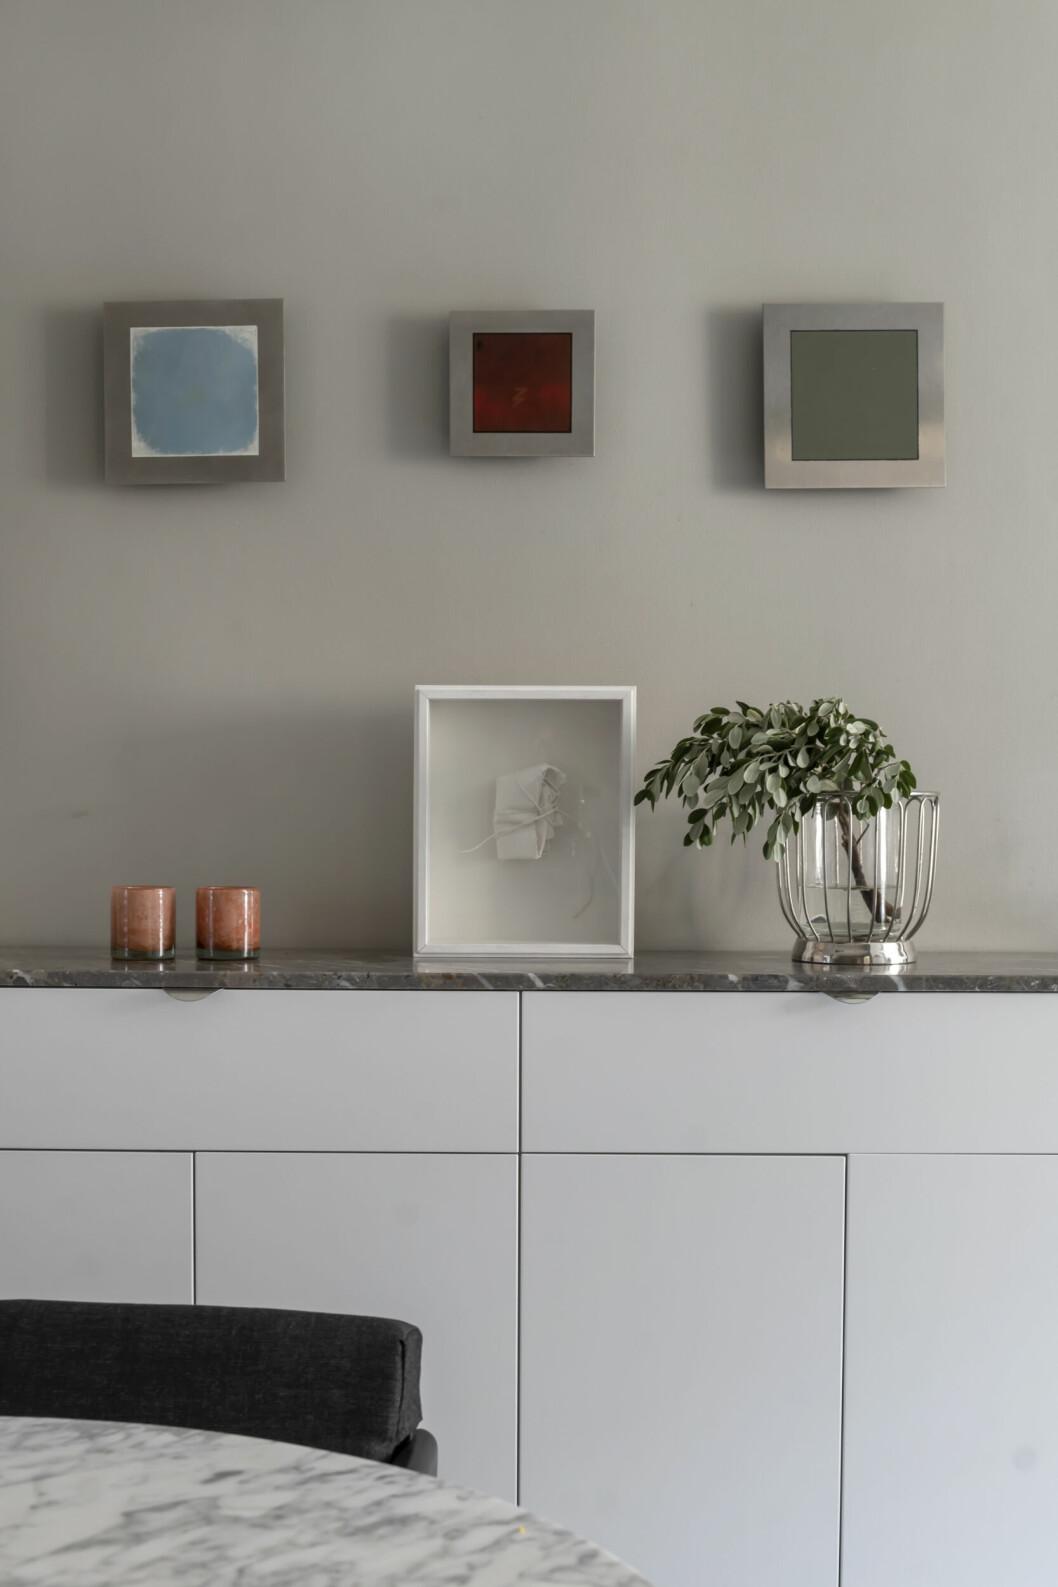 Konstverk av Rune Hagberg. Det vita verket som står ovanpå skänken.